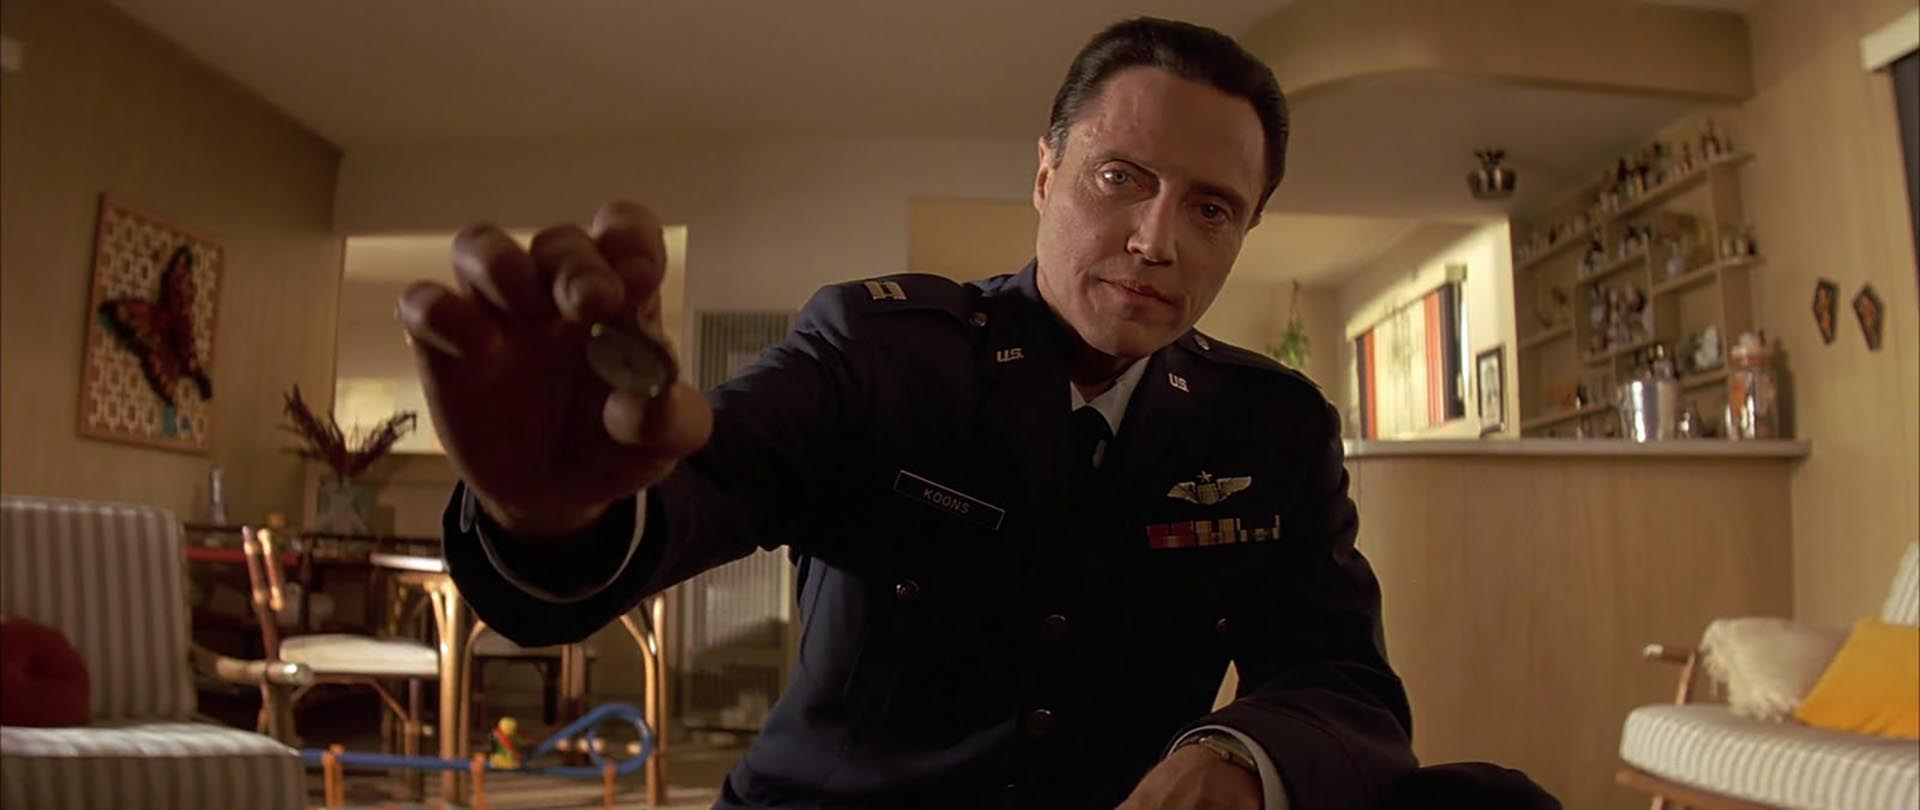 ساعت معروف بوچ در فیلم پالپ فیکشن